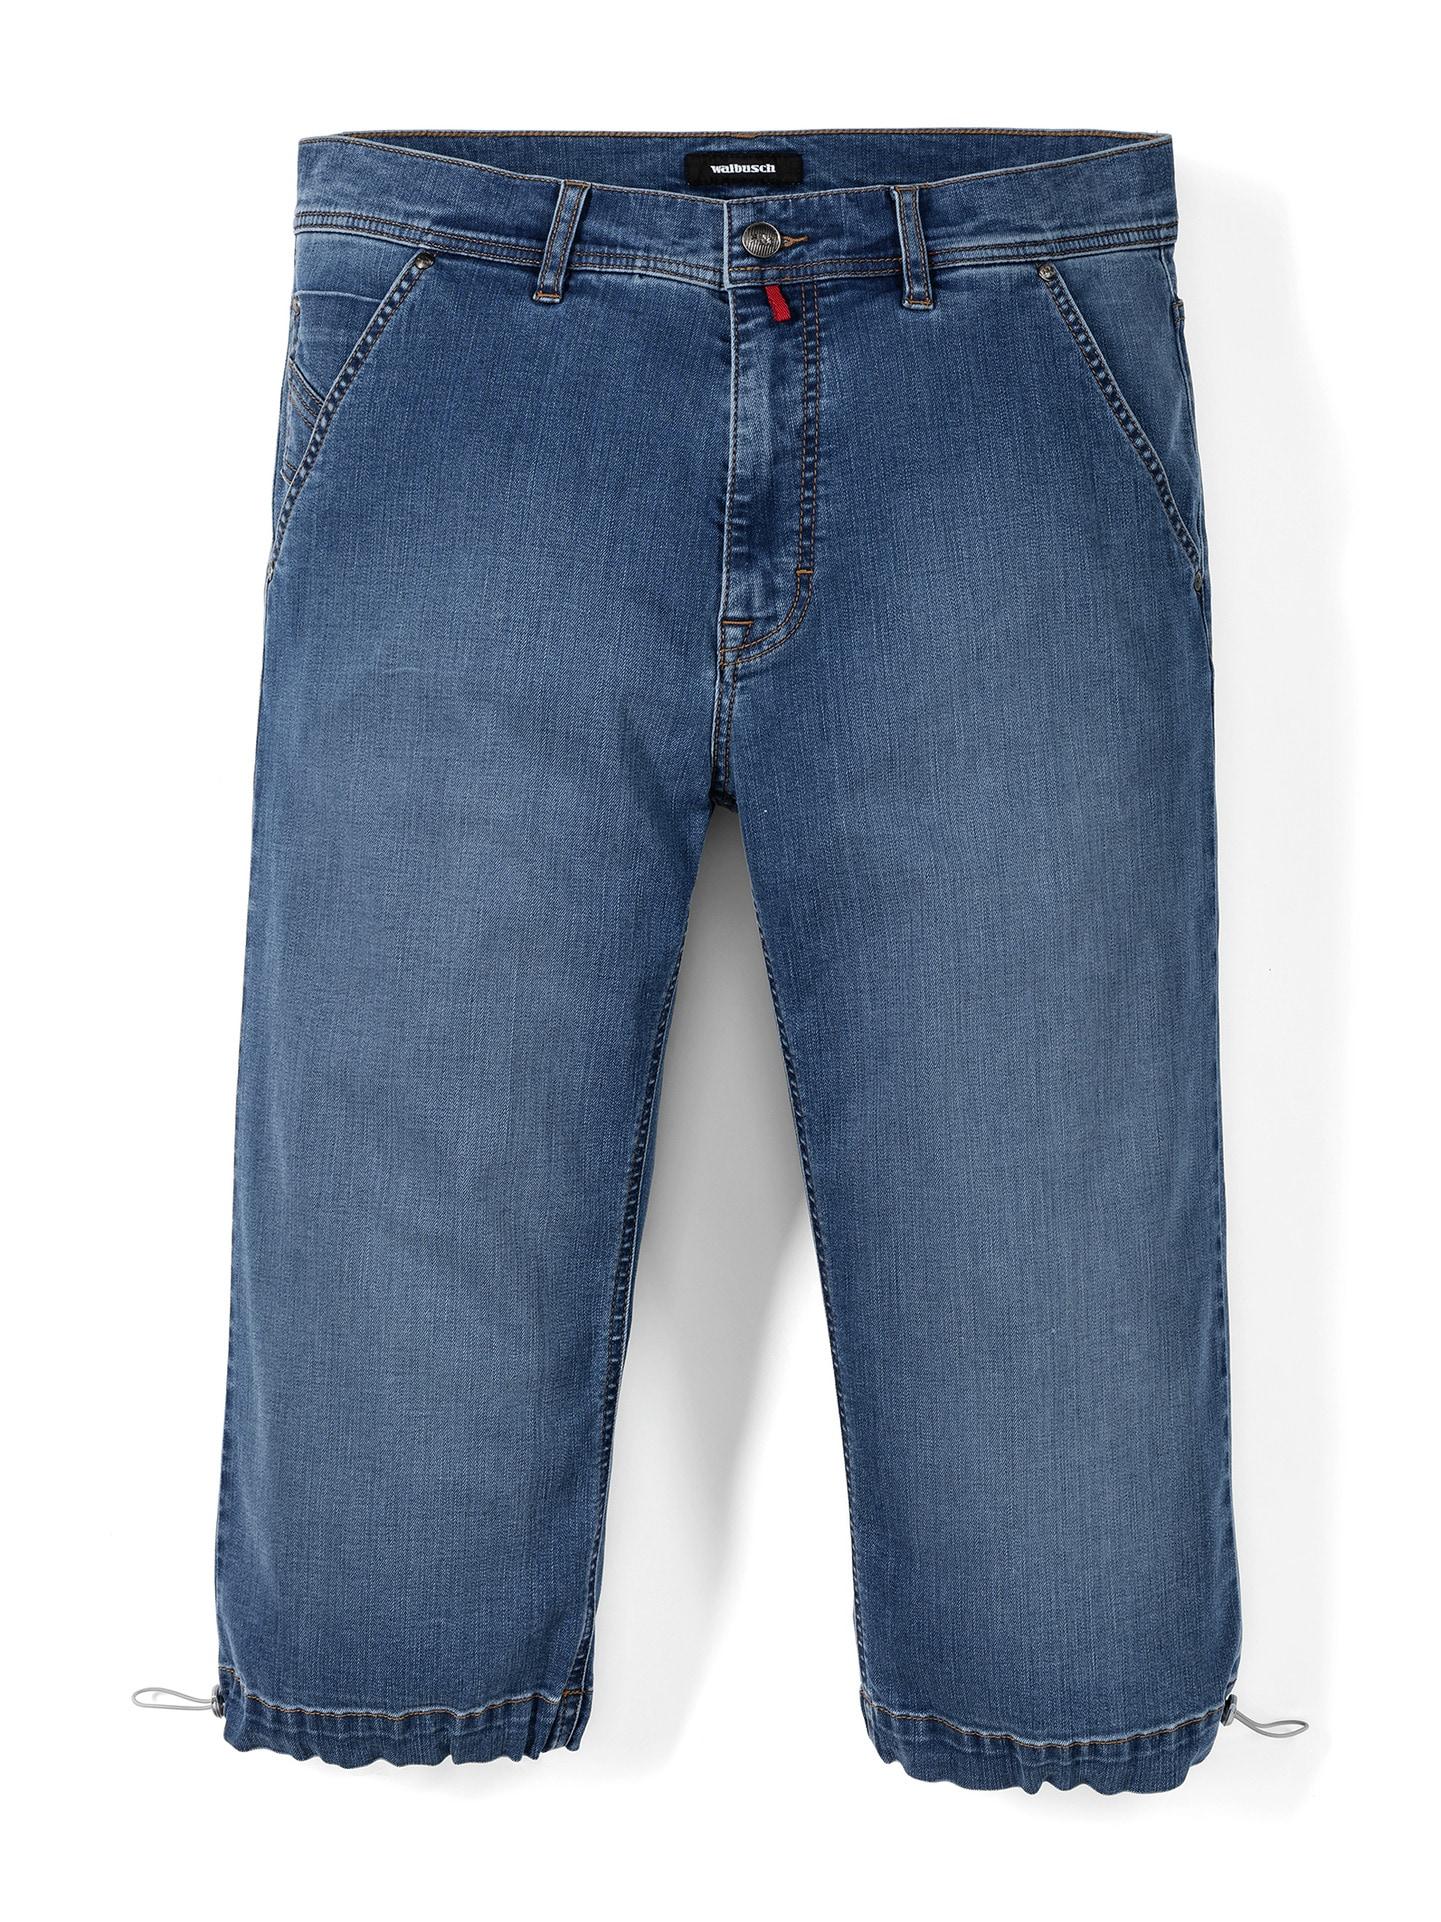 Walbusch Herren Siebenachtel Jeans Regular Fit Hellblau einfarbig flexibler Bund 24, 25, 26, 27, 28, 29, 48, 50, 52, 54, 56, 58 24-3968-0_MV75555